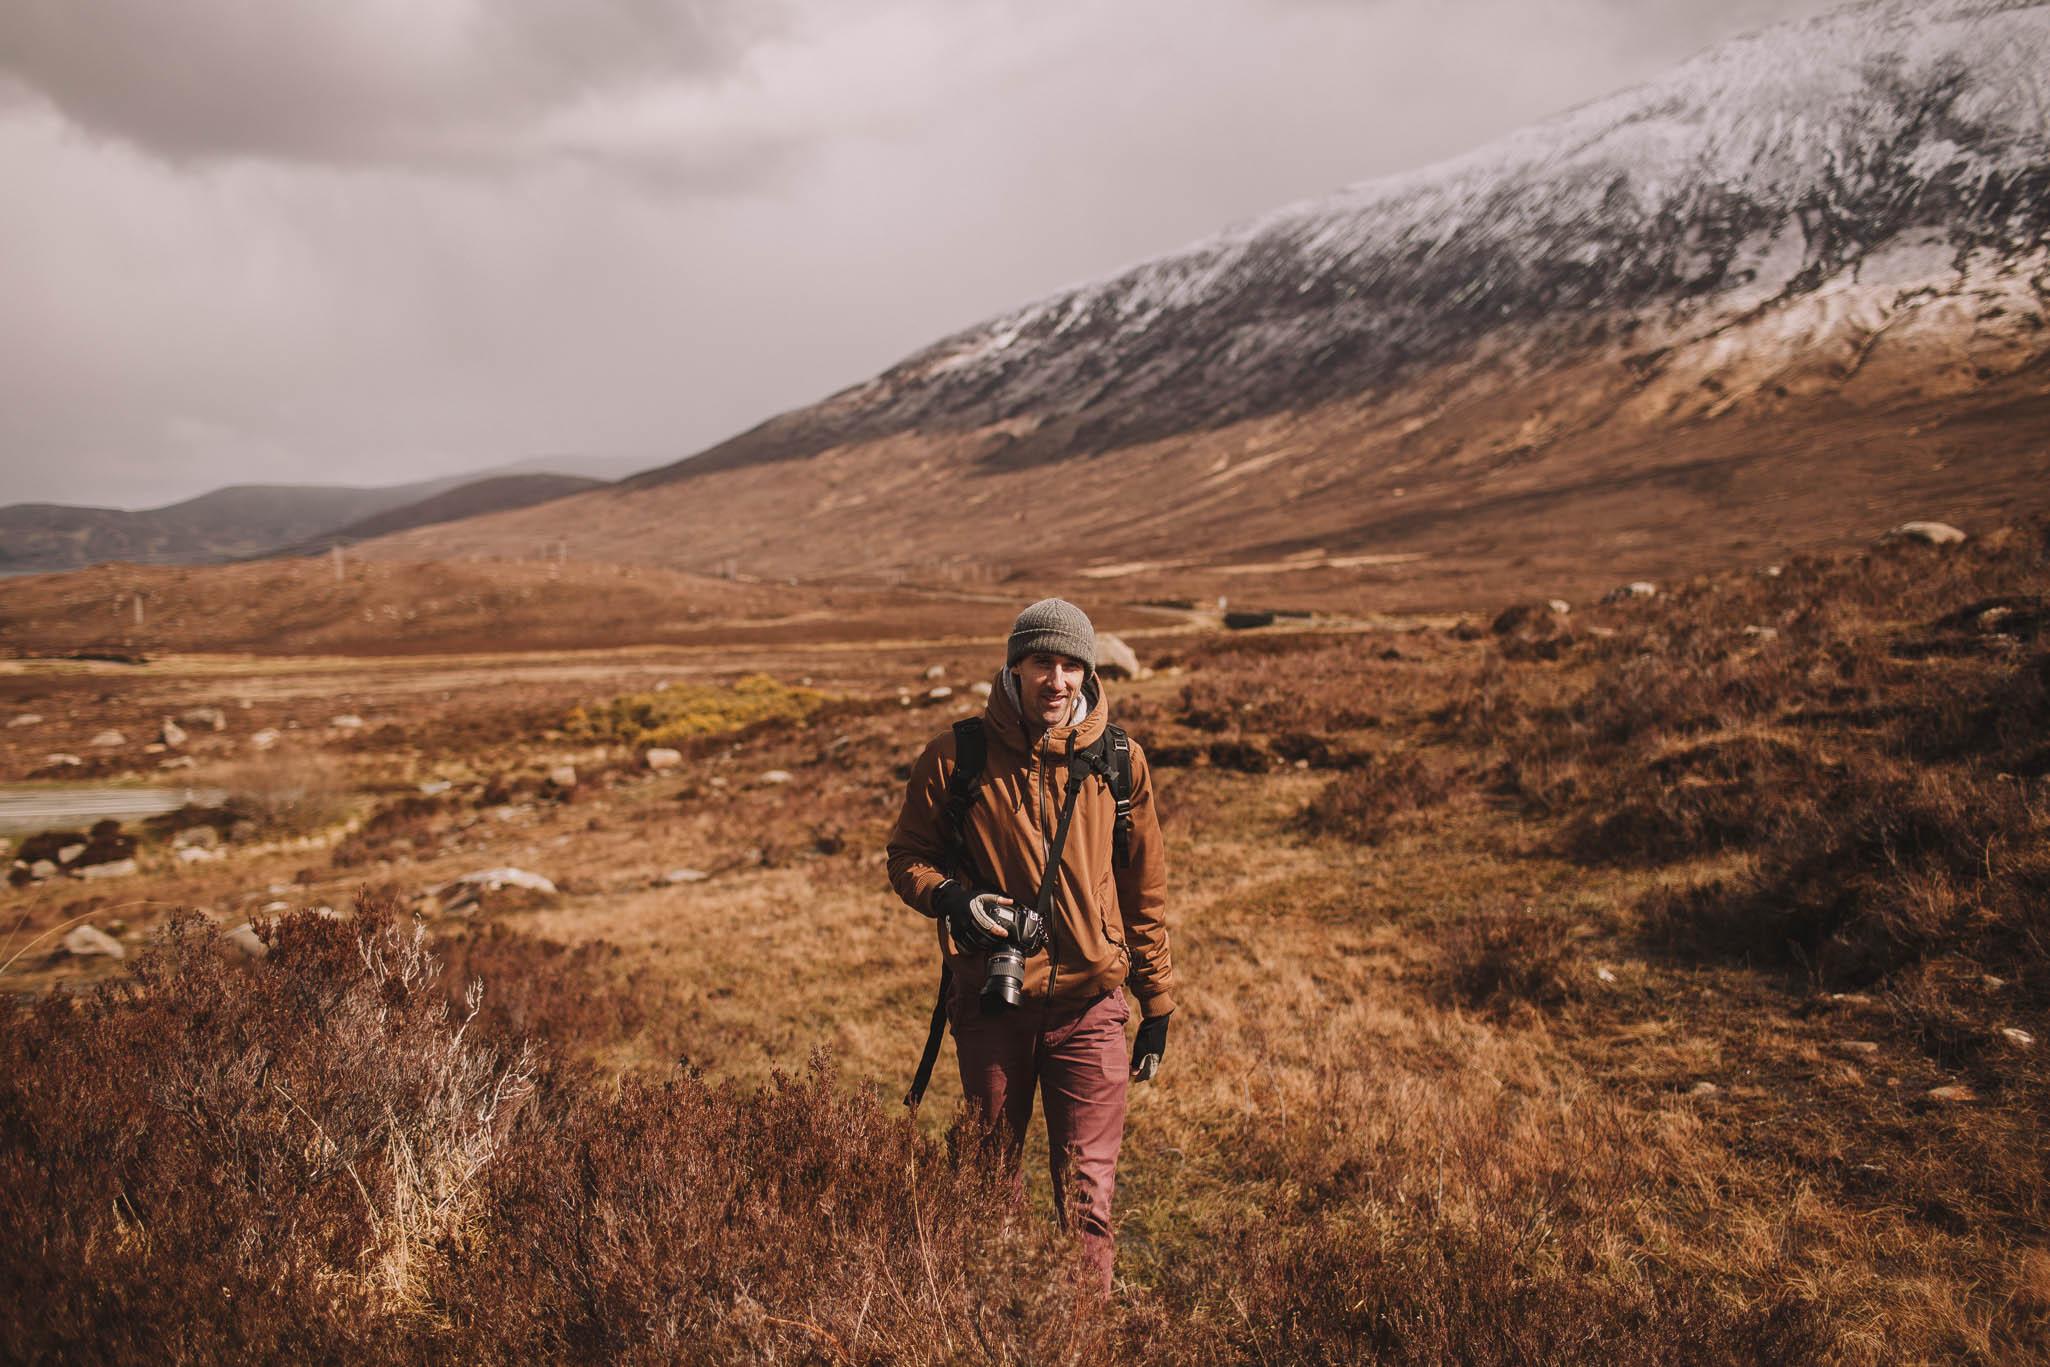 Scotland-wedding-photographer-jeremy-boyer-photographe-mariage-ecosse-voyage-road-trip-travel-47.jpg